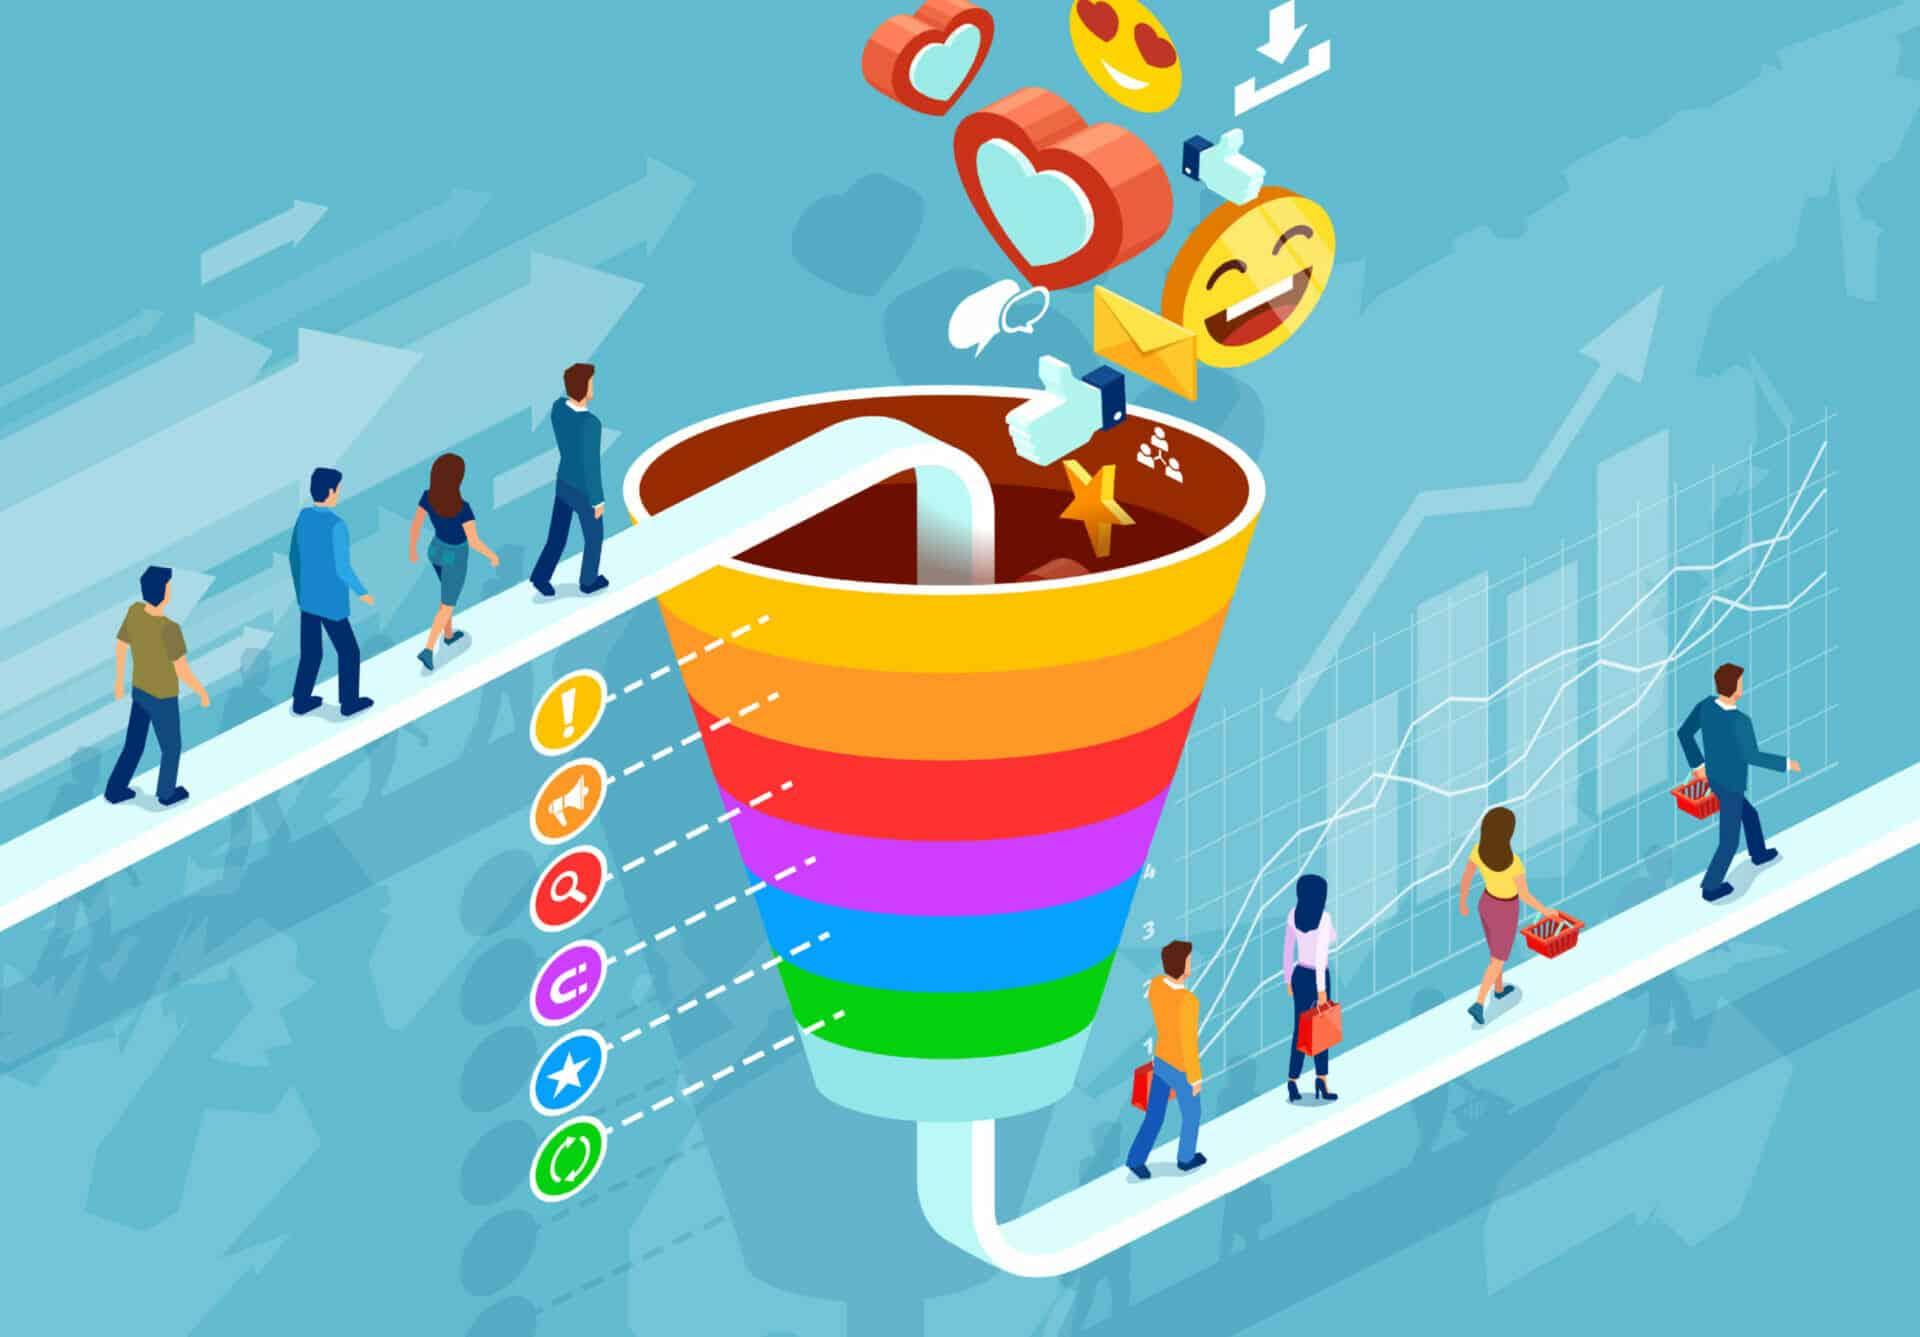 que es growth marketing